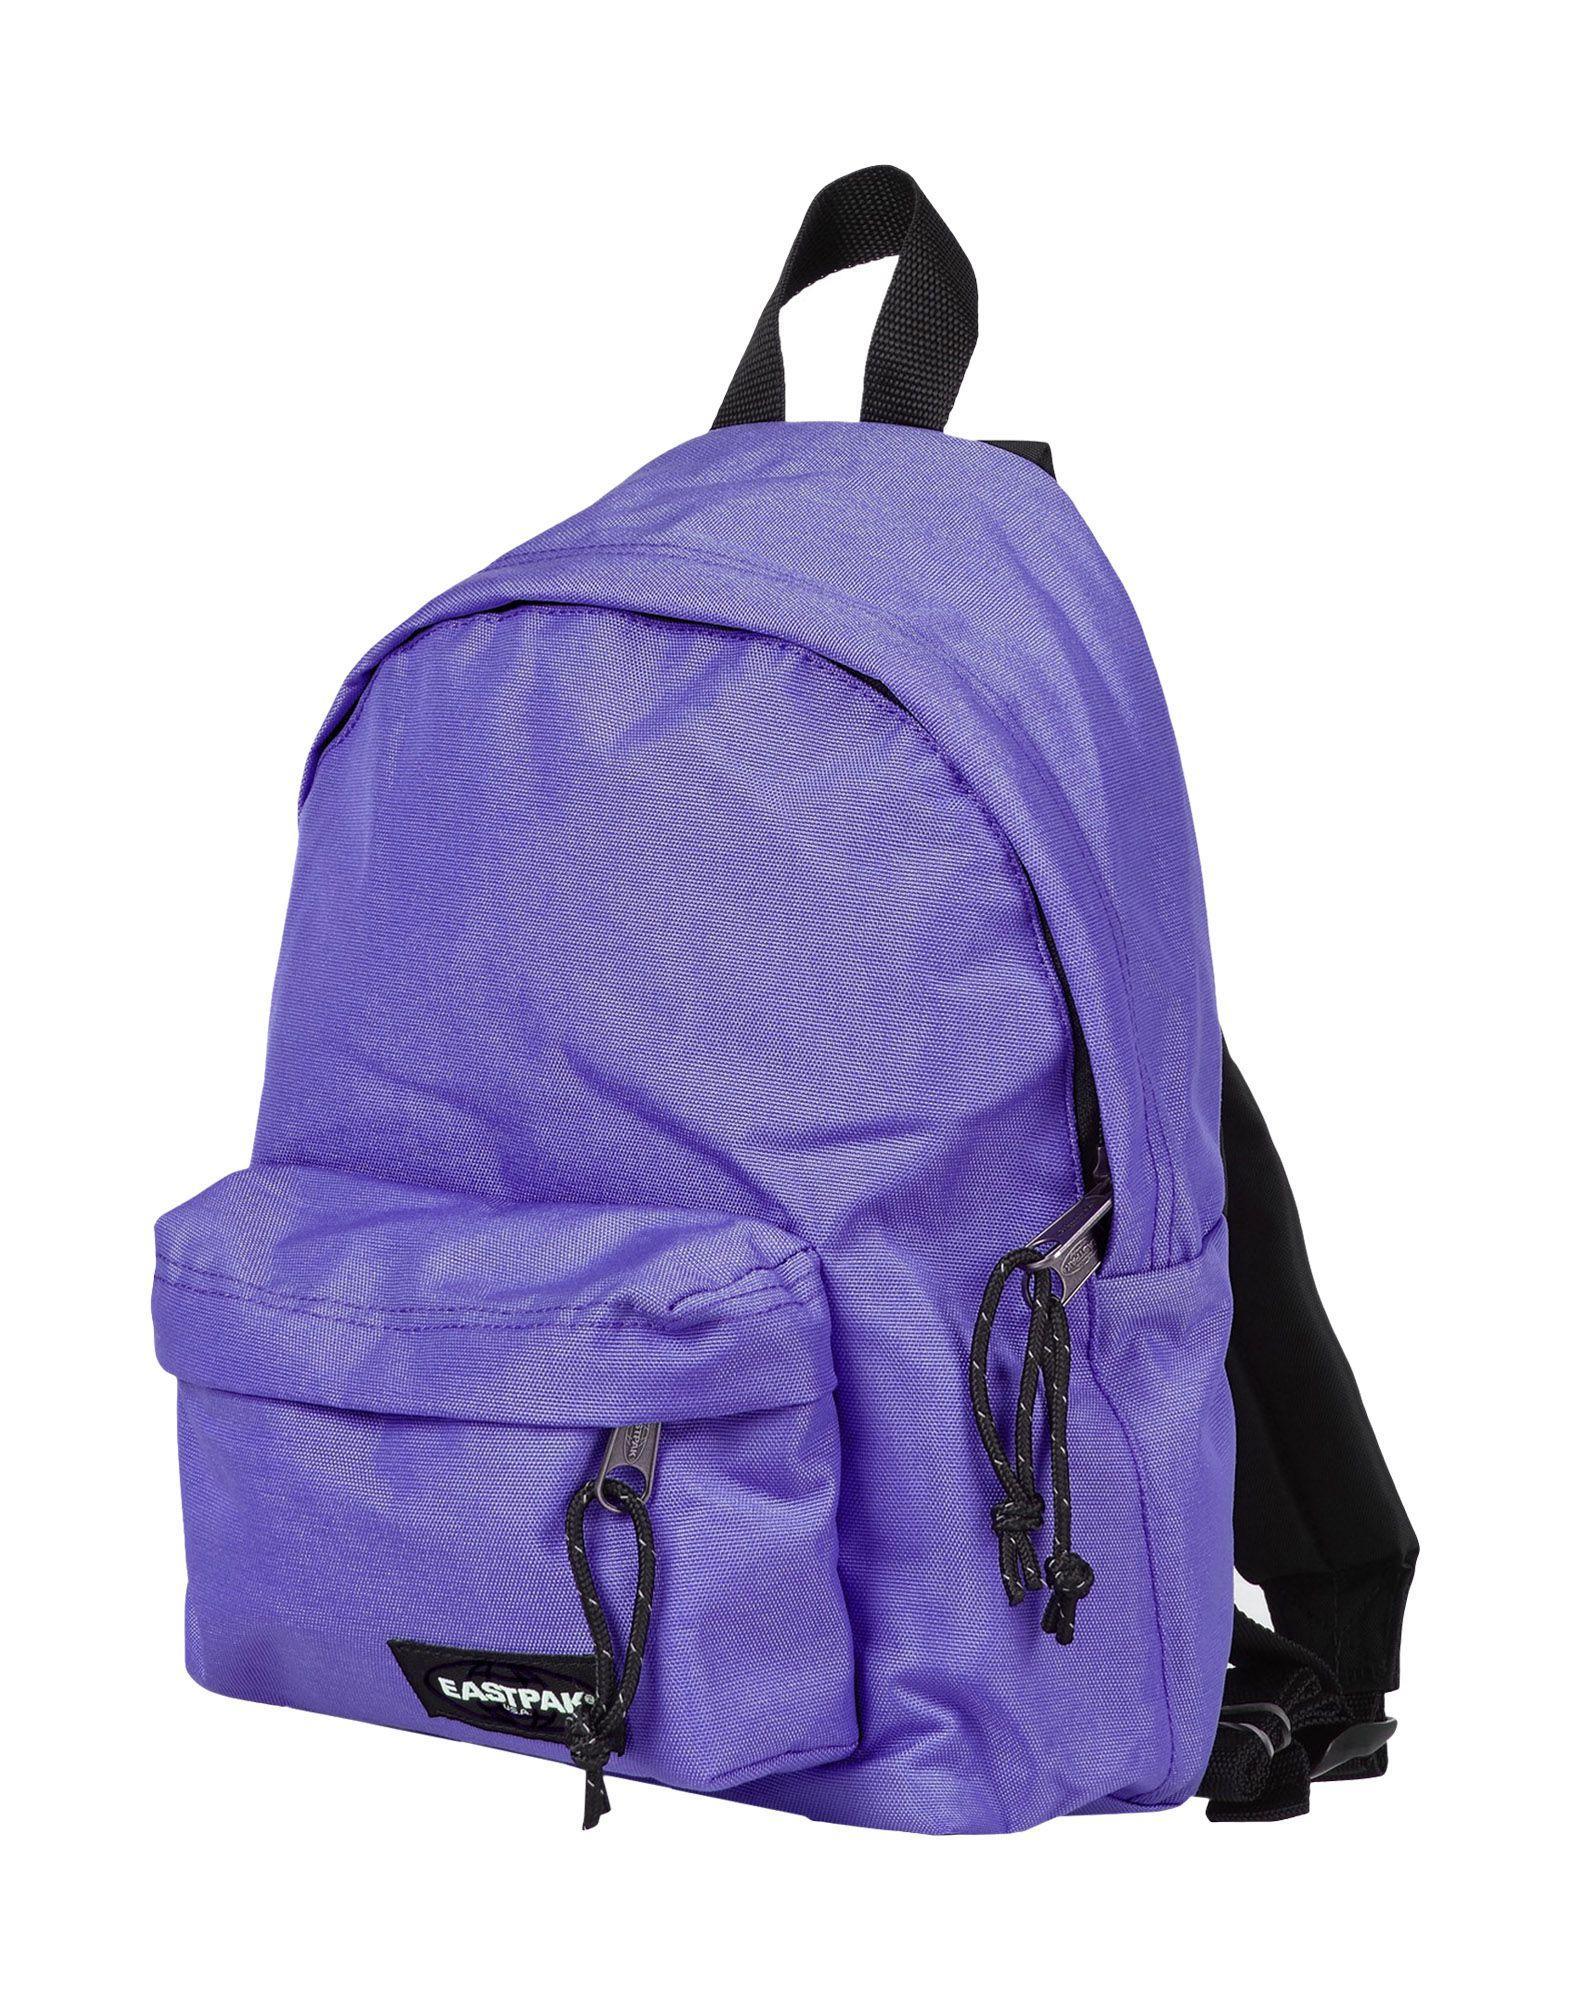 Eastpak Backpack   Fanny Pack In Purple